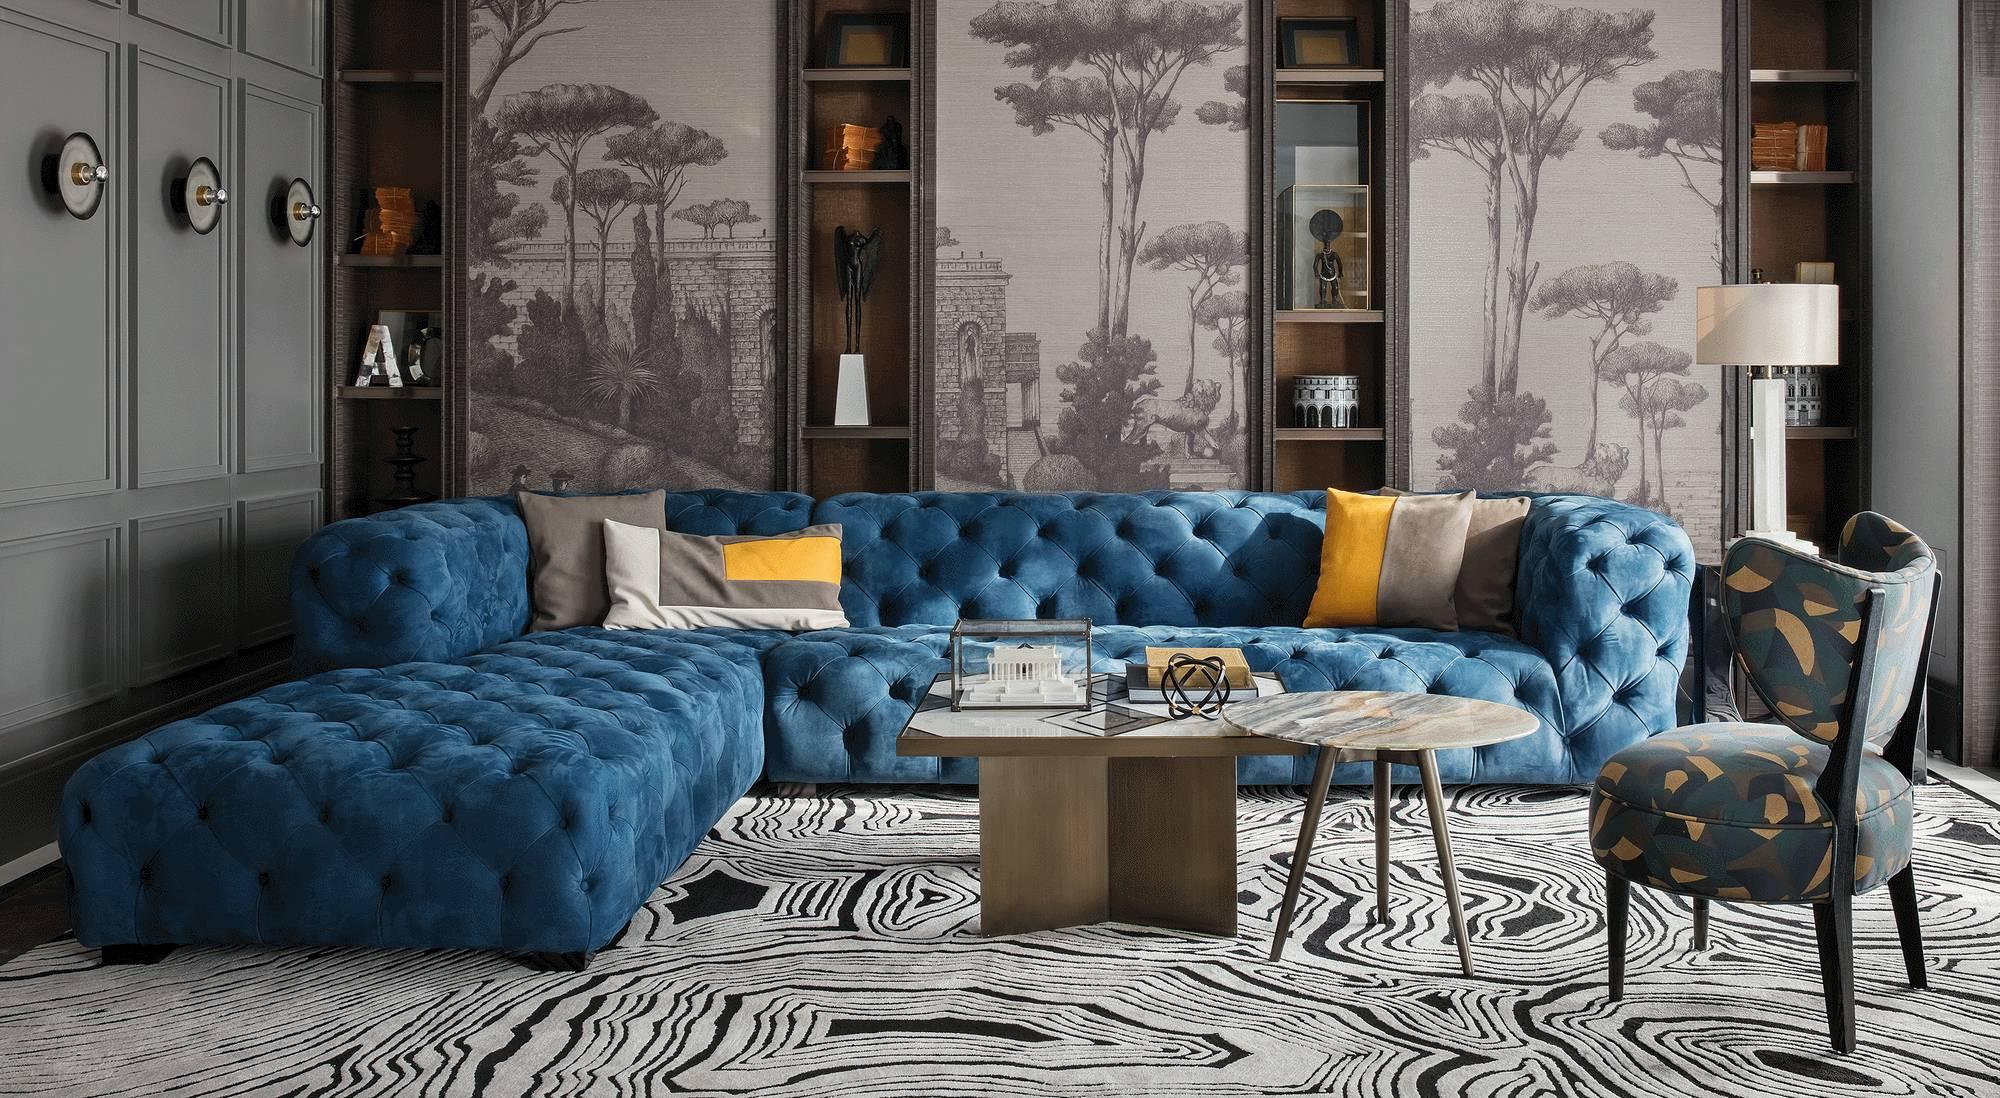 设计中,不同时期的艺术臻品相互混搭,极致动人的纹样墙纸,古典的沙发